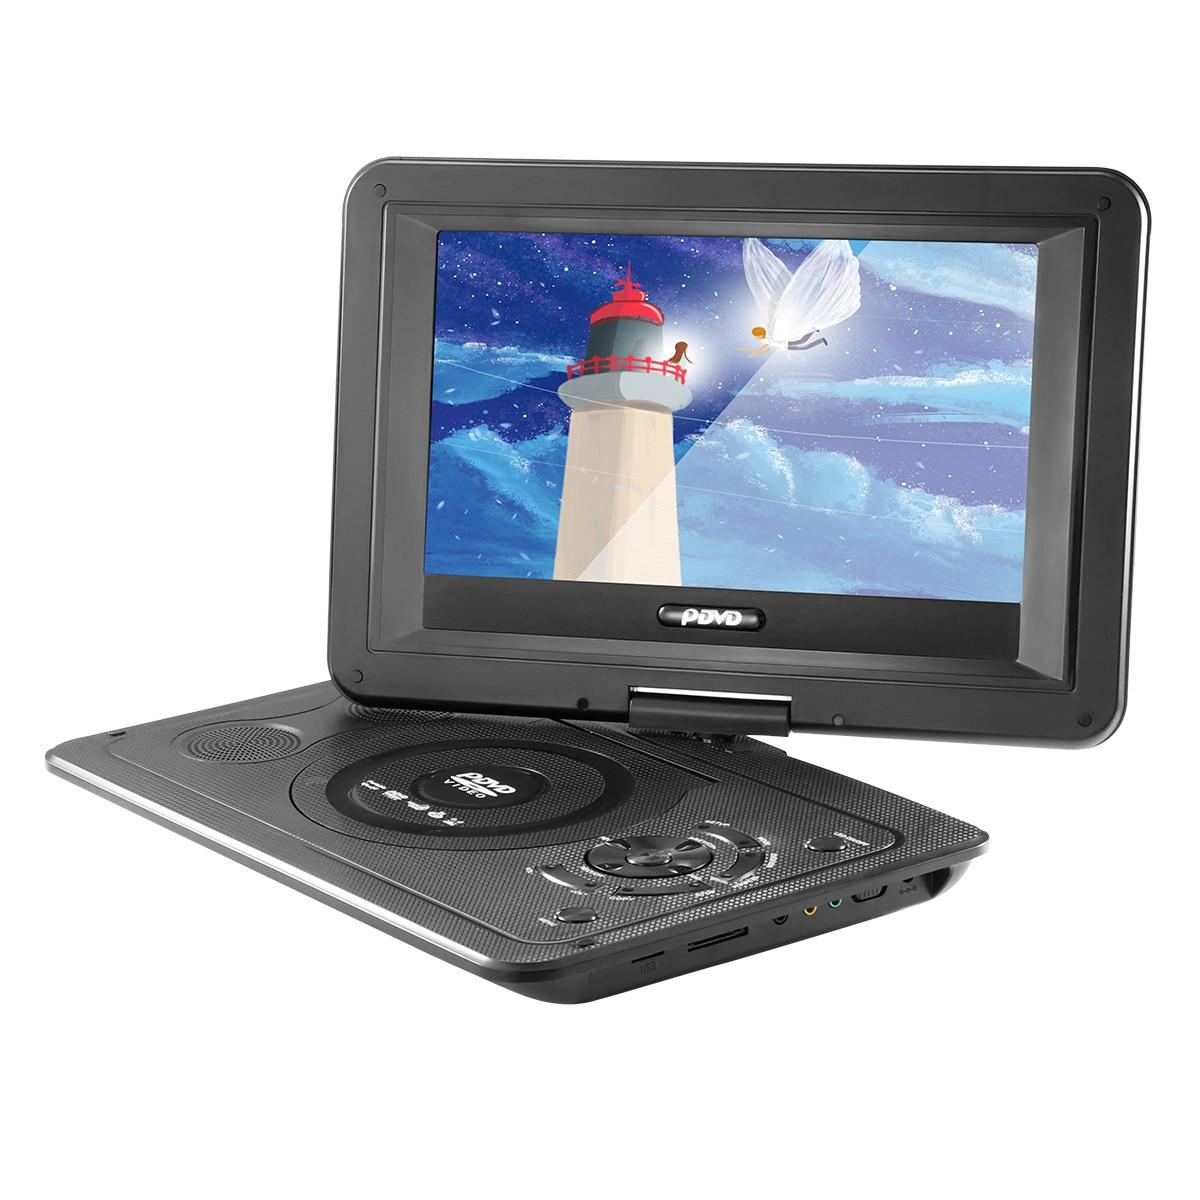 Портативный DVD-плеер Powstro, 13,9 дюйма, 110-240 В, HD TV, разрешение 800*480, ЖК-экран 169 для разъема ЕС, DVD-плееры 2018